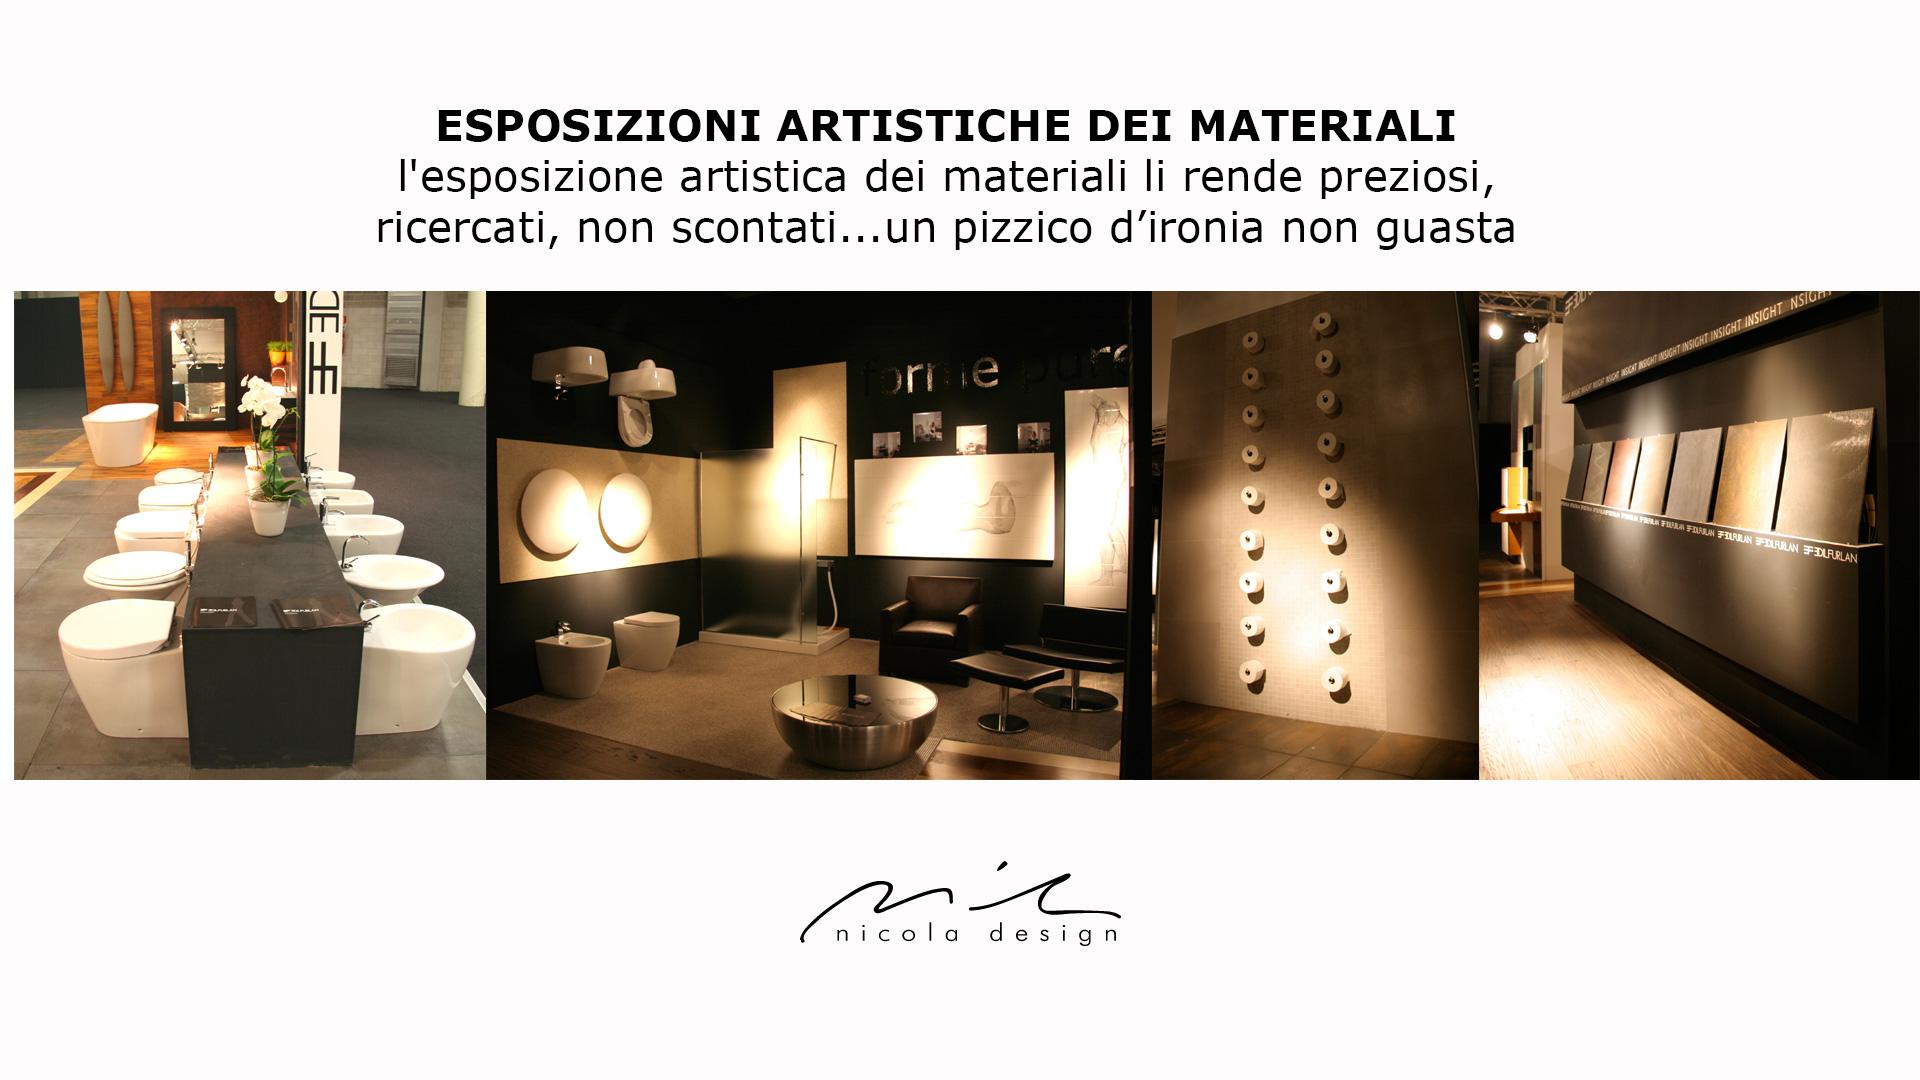 ESPOSIZIONI ARTISTICHE DEI MATERIALI l'esposizione artistica dei materiali li rende preziosi, ricercati